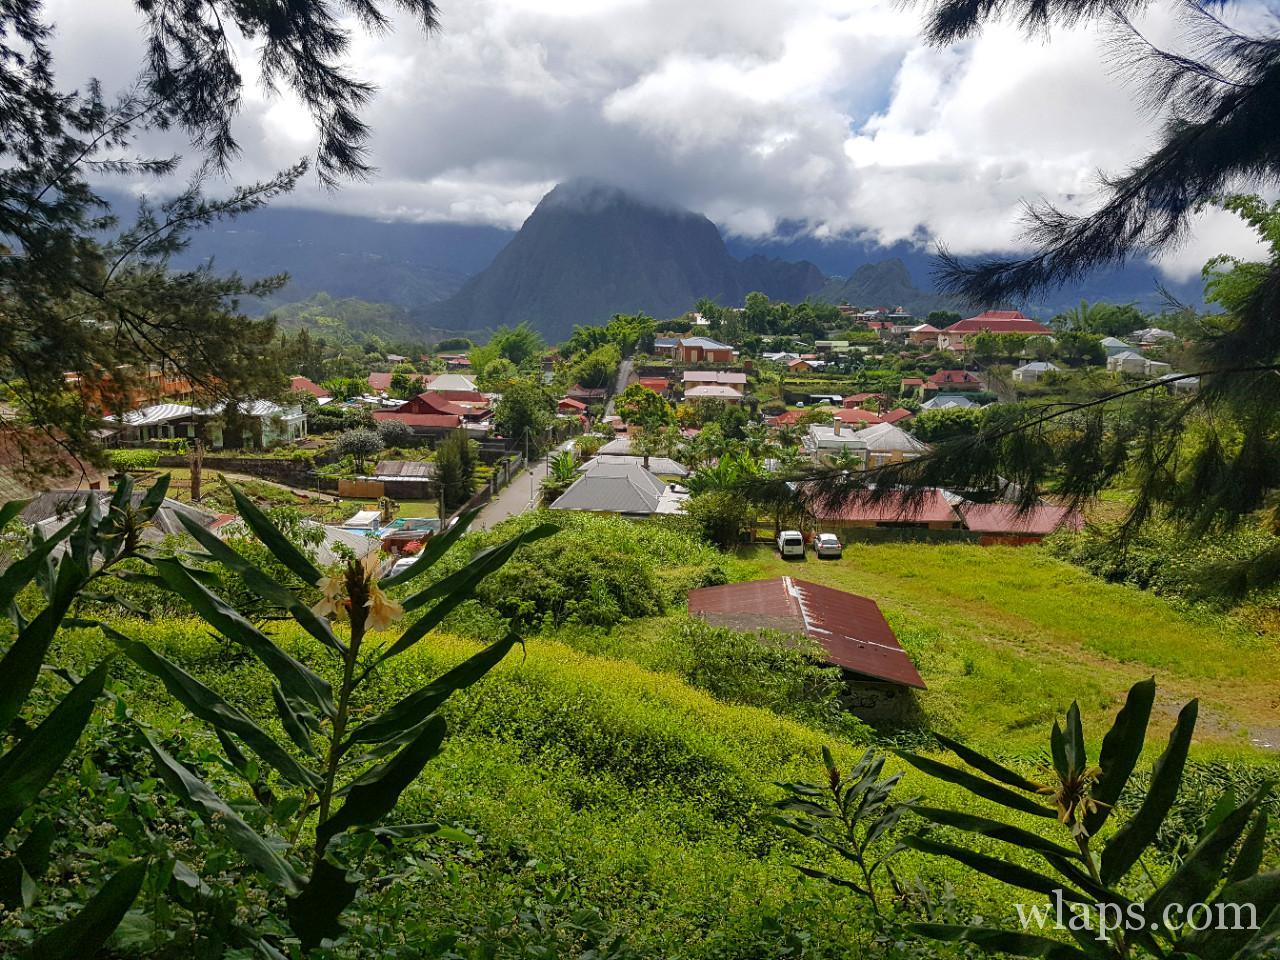 Le cirque de salazie et hell bourg à La Réunion